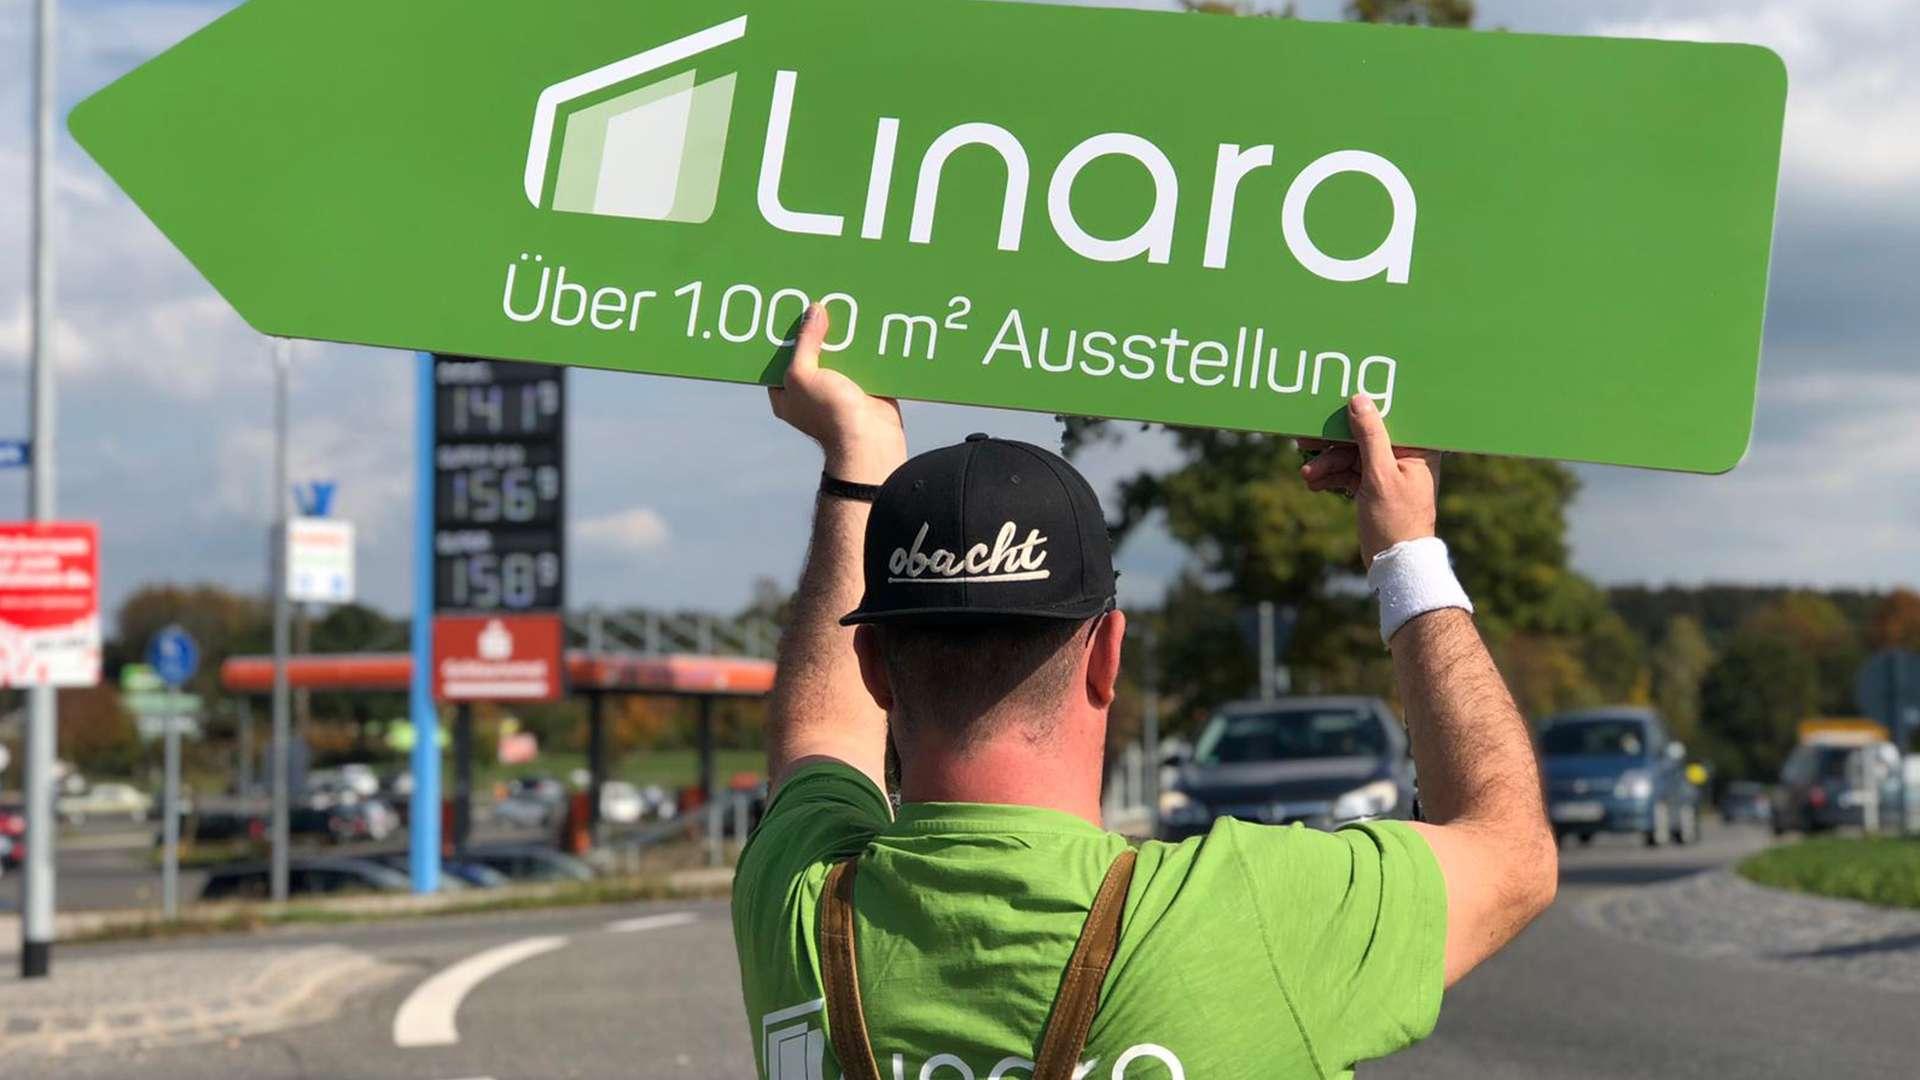 Mann mit Linara-Schild in der Hand